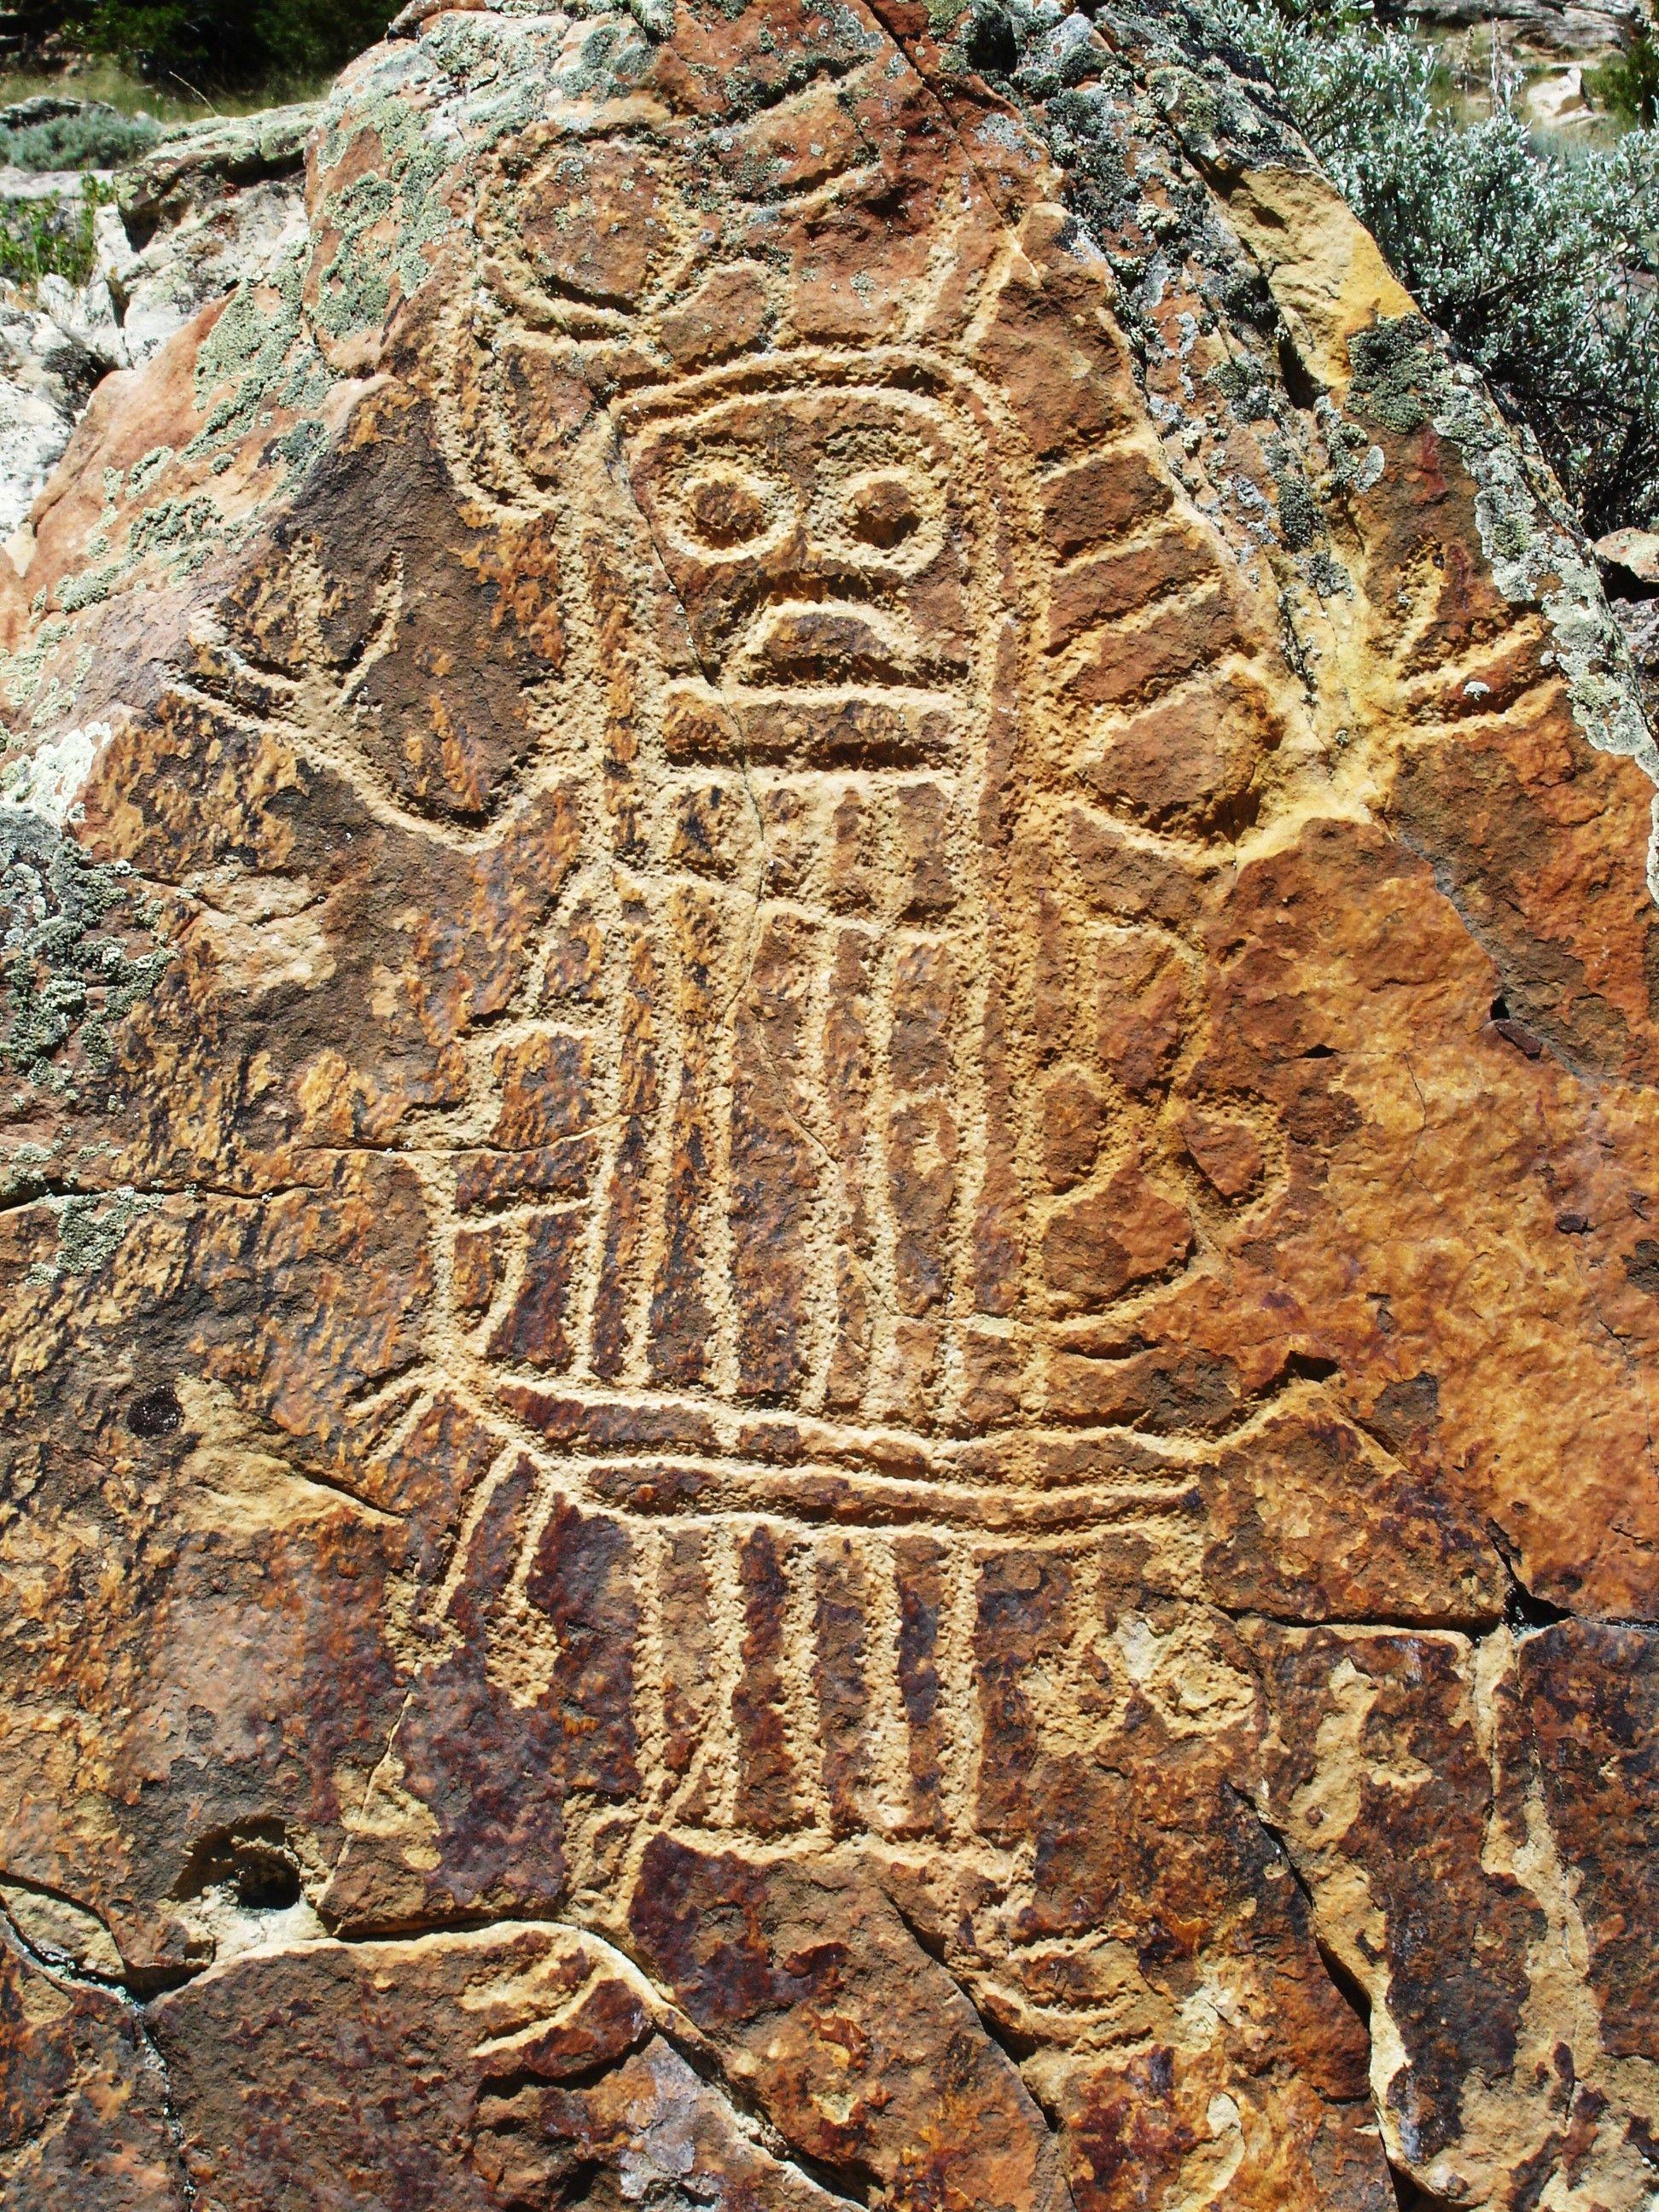 Las Geel: 10,000 Year Old Somali Rock Paintings | Stories ...  |Ancient Rock Cave Drawings